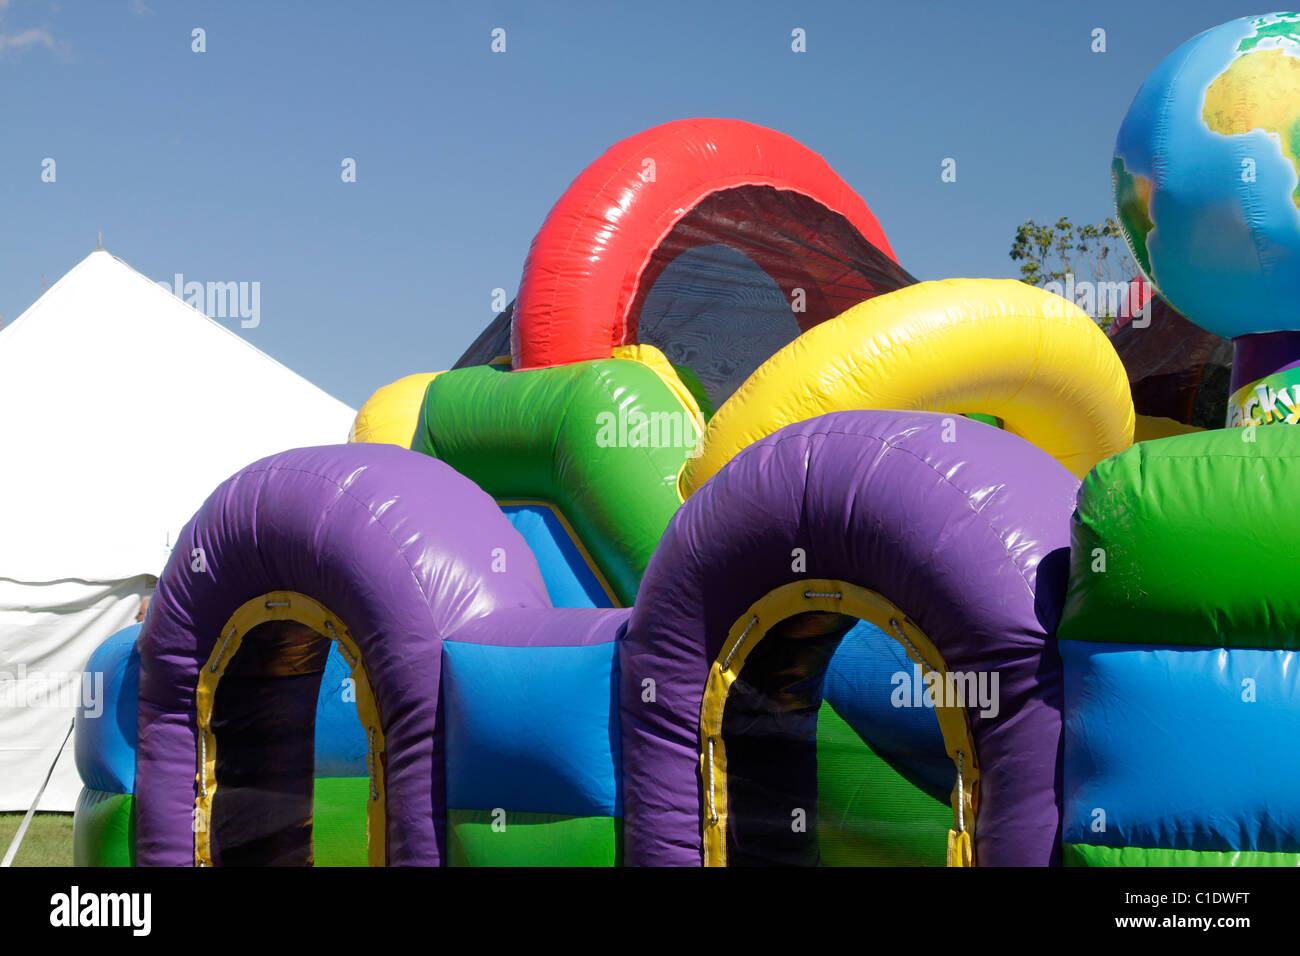 Bouncy Castle aufblasbare Unterhaltung für Kinder. Stockbild